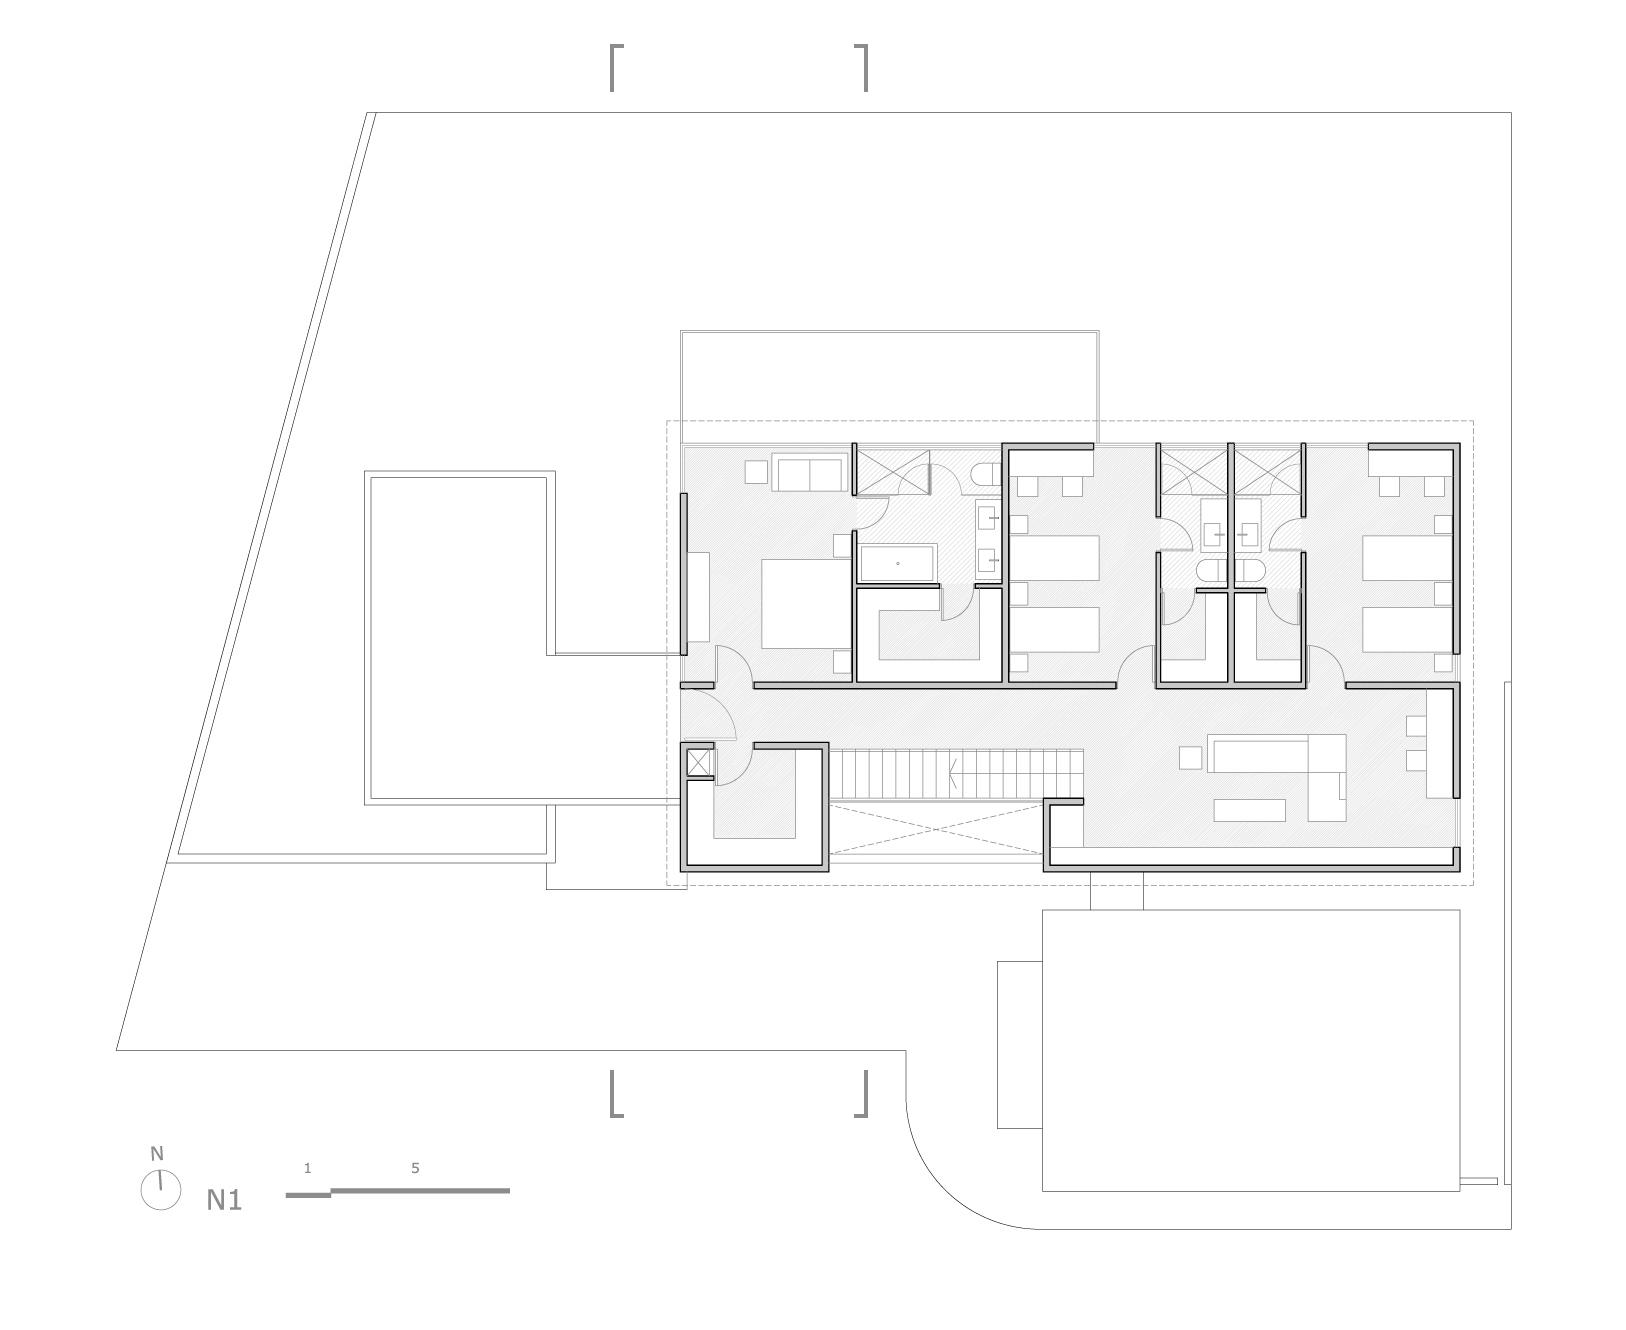 Planos de Planta 1er nivel de Bambara Street de Shaun Lockyer Architects